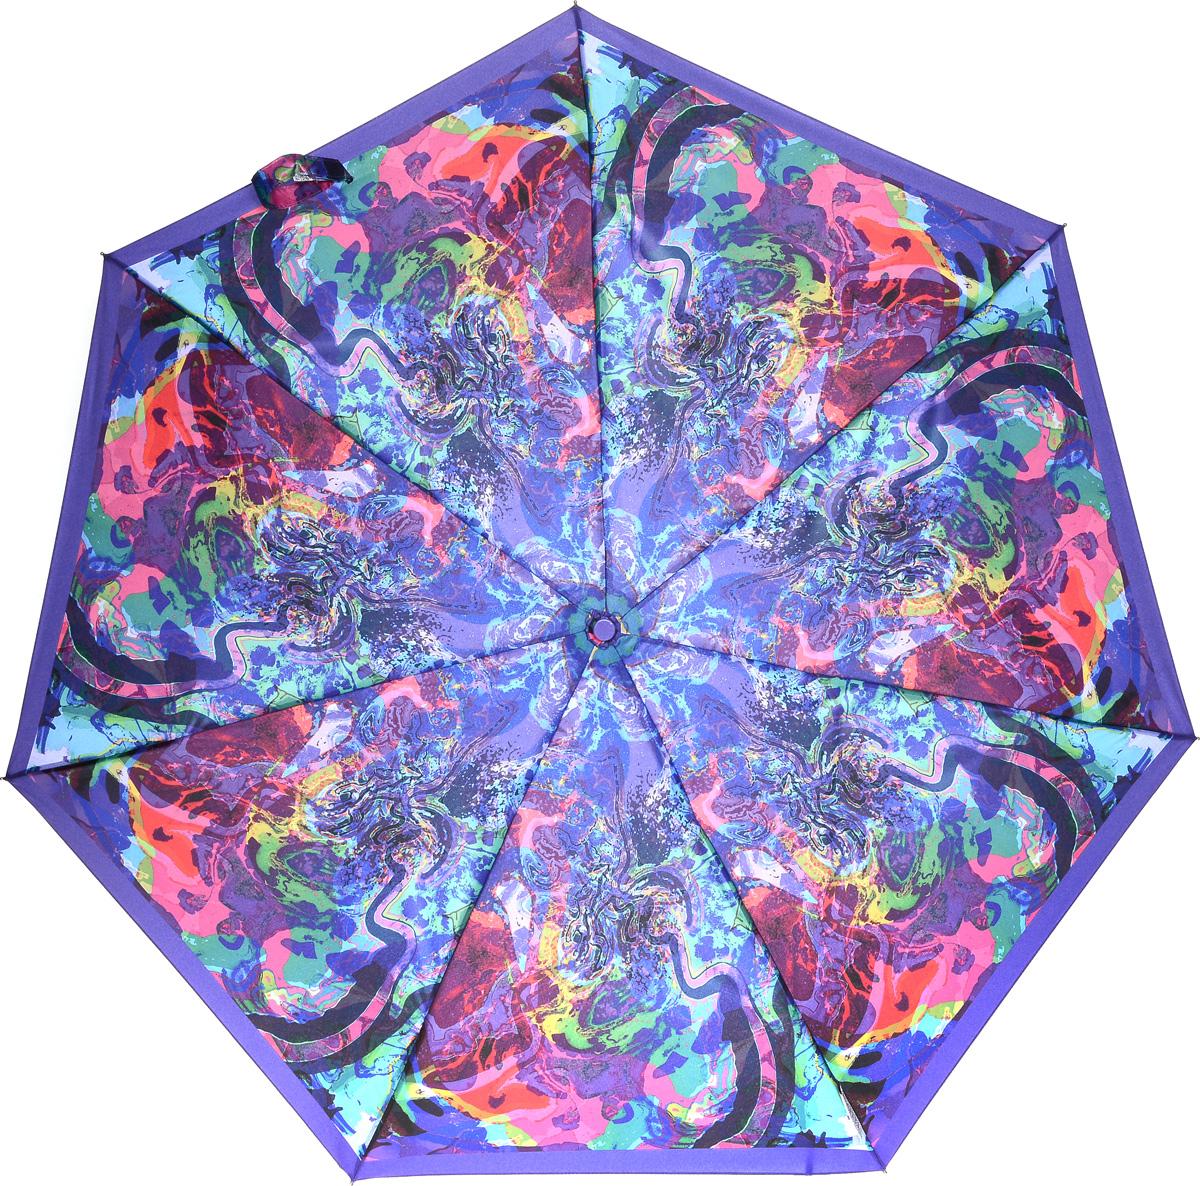 Bisetti 35153-3 Зонт полный автом. 3 сл. жен.Бусы-ниткаЗонт испанского производителя Clima. В производстве зонтов используются современные материалы, что делает зонты легкими, но в то же время крепкими.Полный автомат, 3 сложения, 8 спиц по 54см, полиэстер.